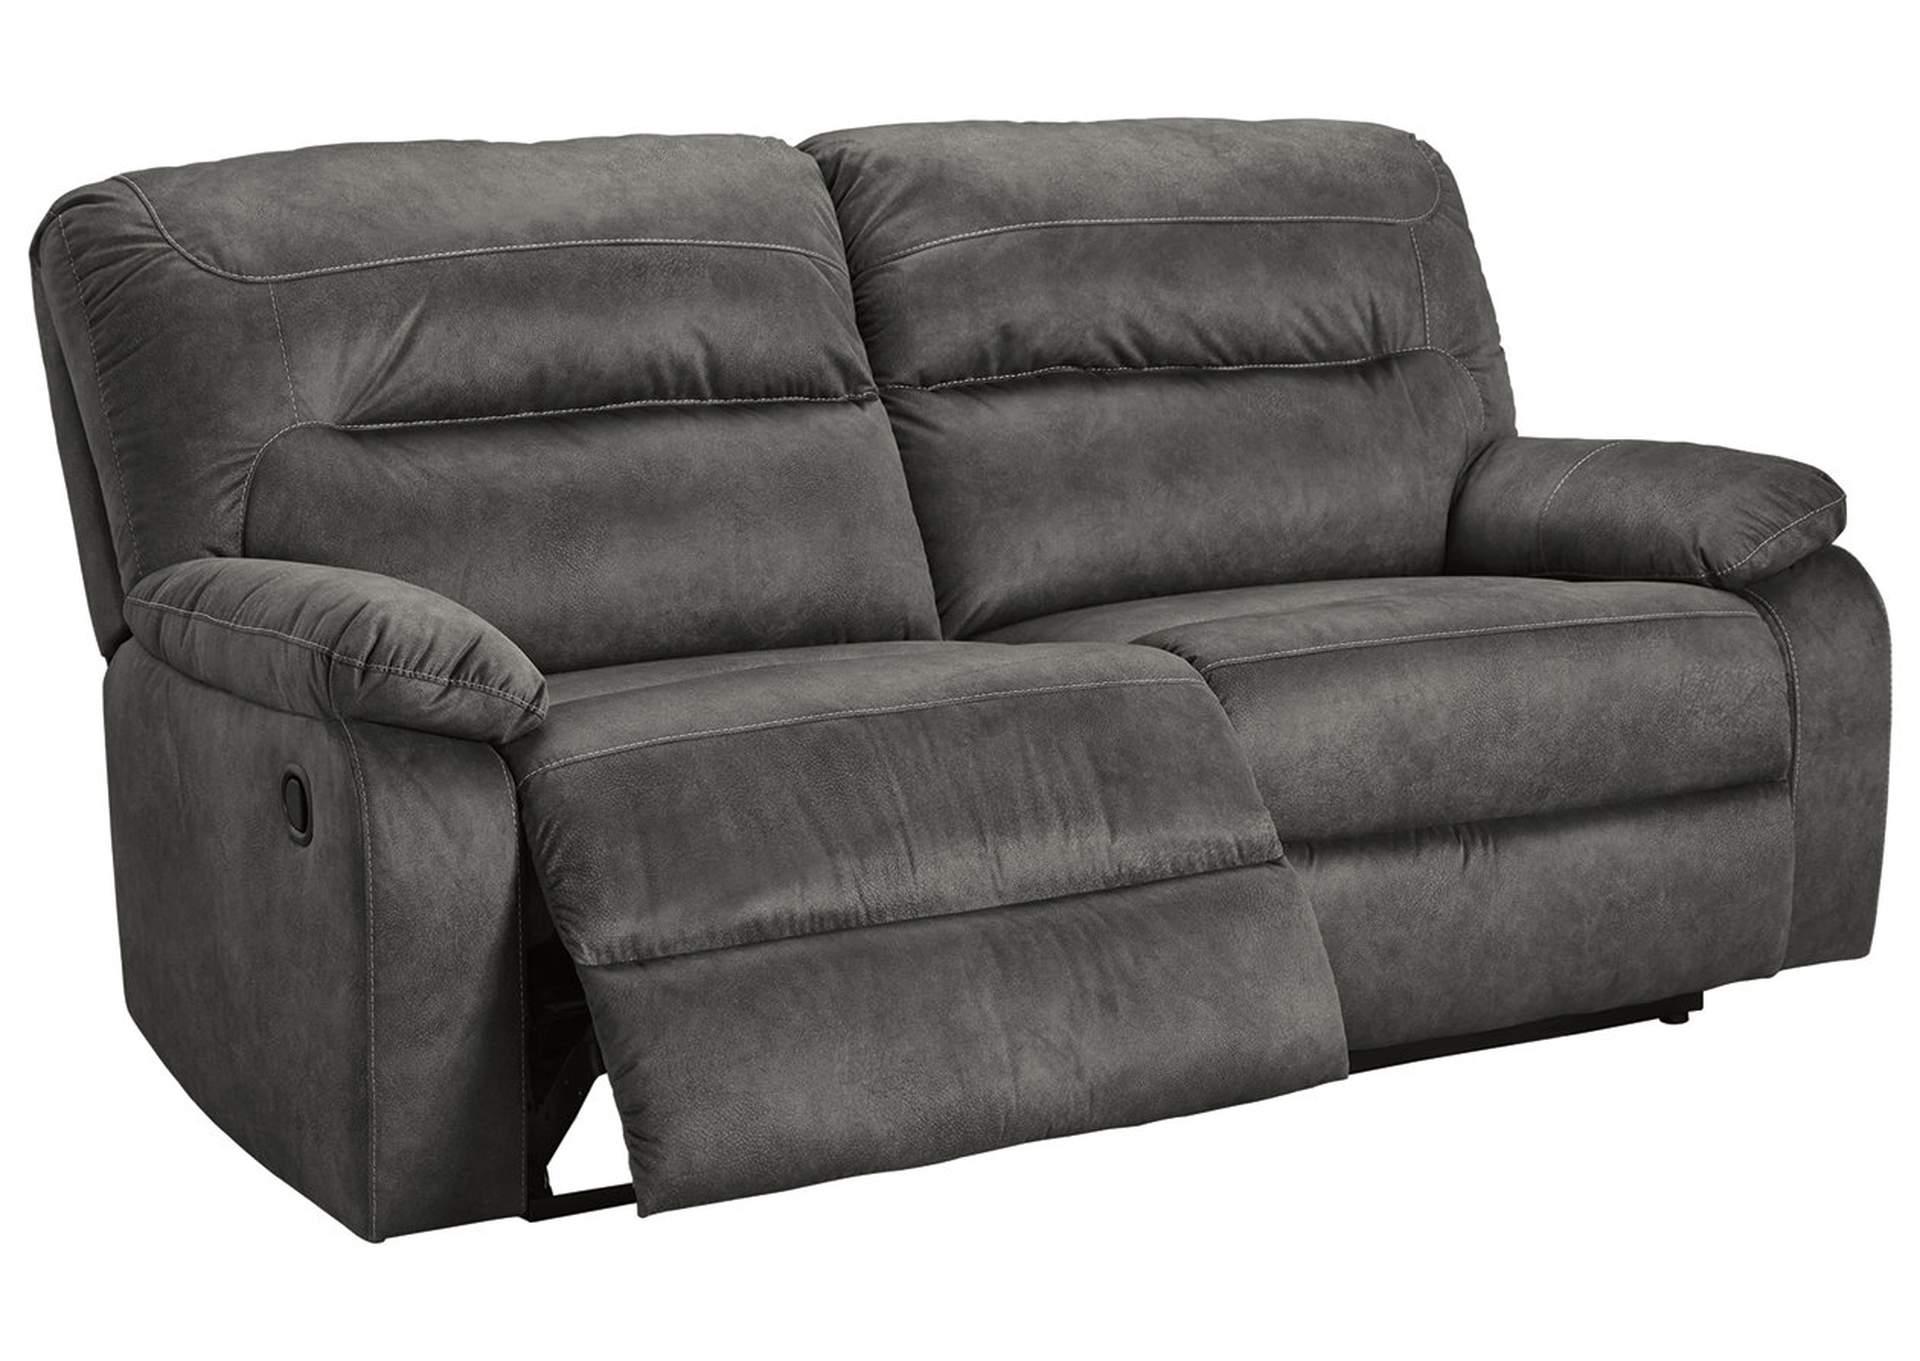 Bolzano Seat Reclining Sofa